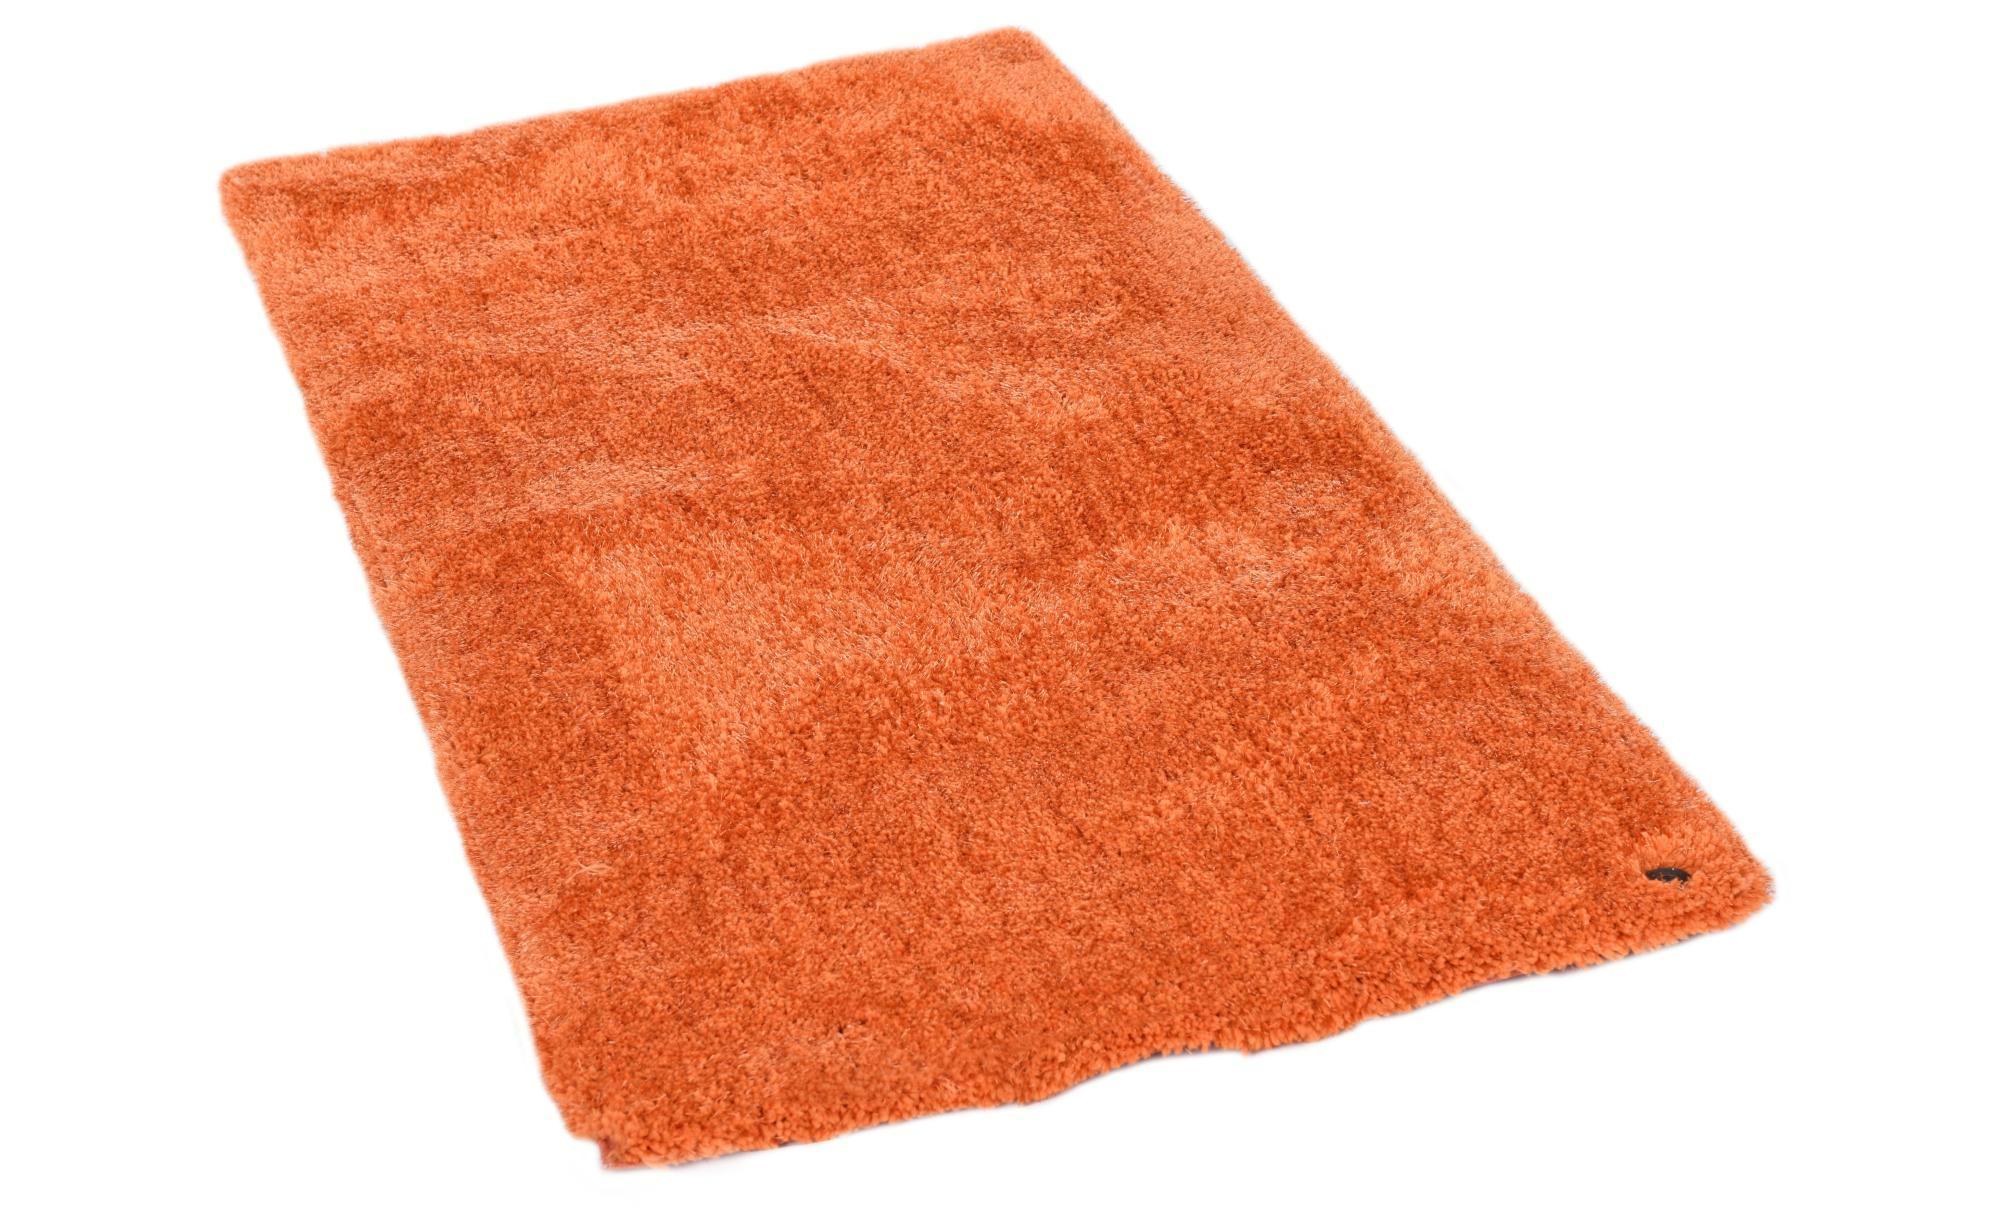 Tom Tailor Handtuft-Teppich  Soft uni ¦ orange ¦ 100 % Polypropylen, Synthethische Fasern ¦ Maße (cm): B: 160 Teppiche > Wohnteppiche > Hochflorteppiche - Höffner   Heimtextilien > Teppiche > Hochflorteppiche   Orange   Möbel Höffner DE